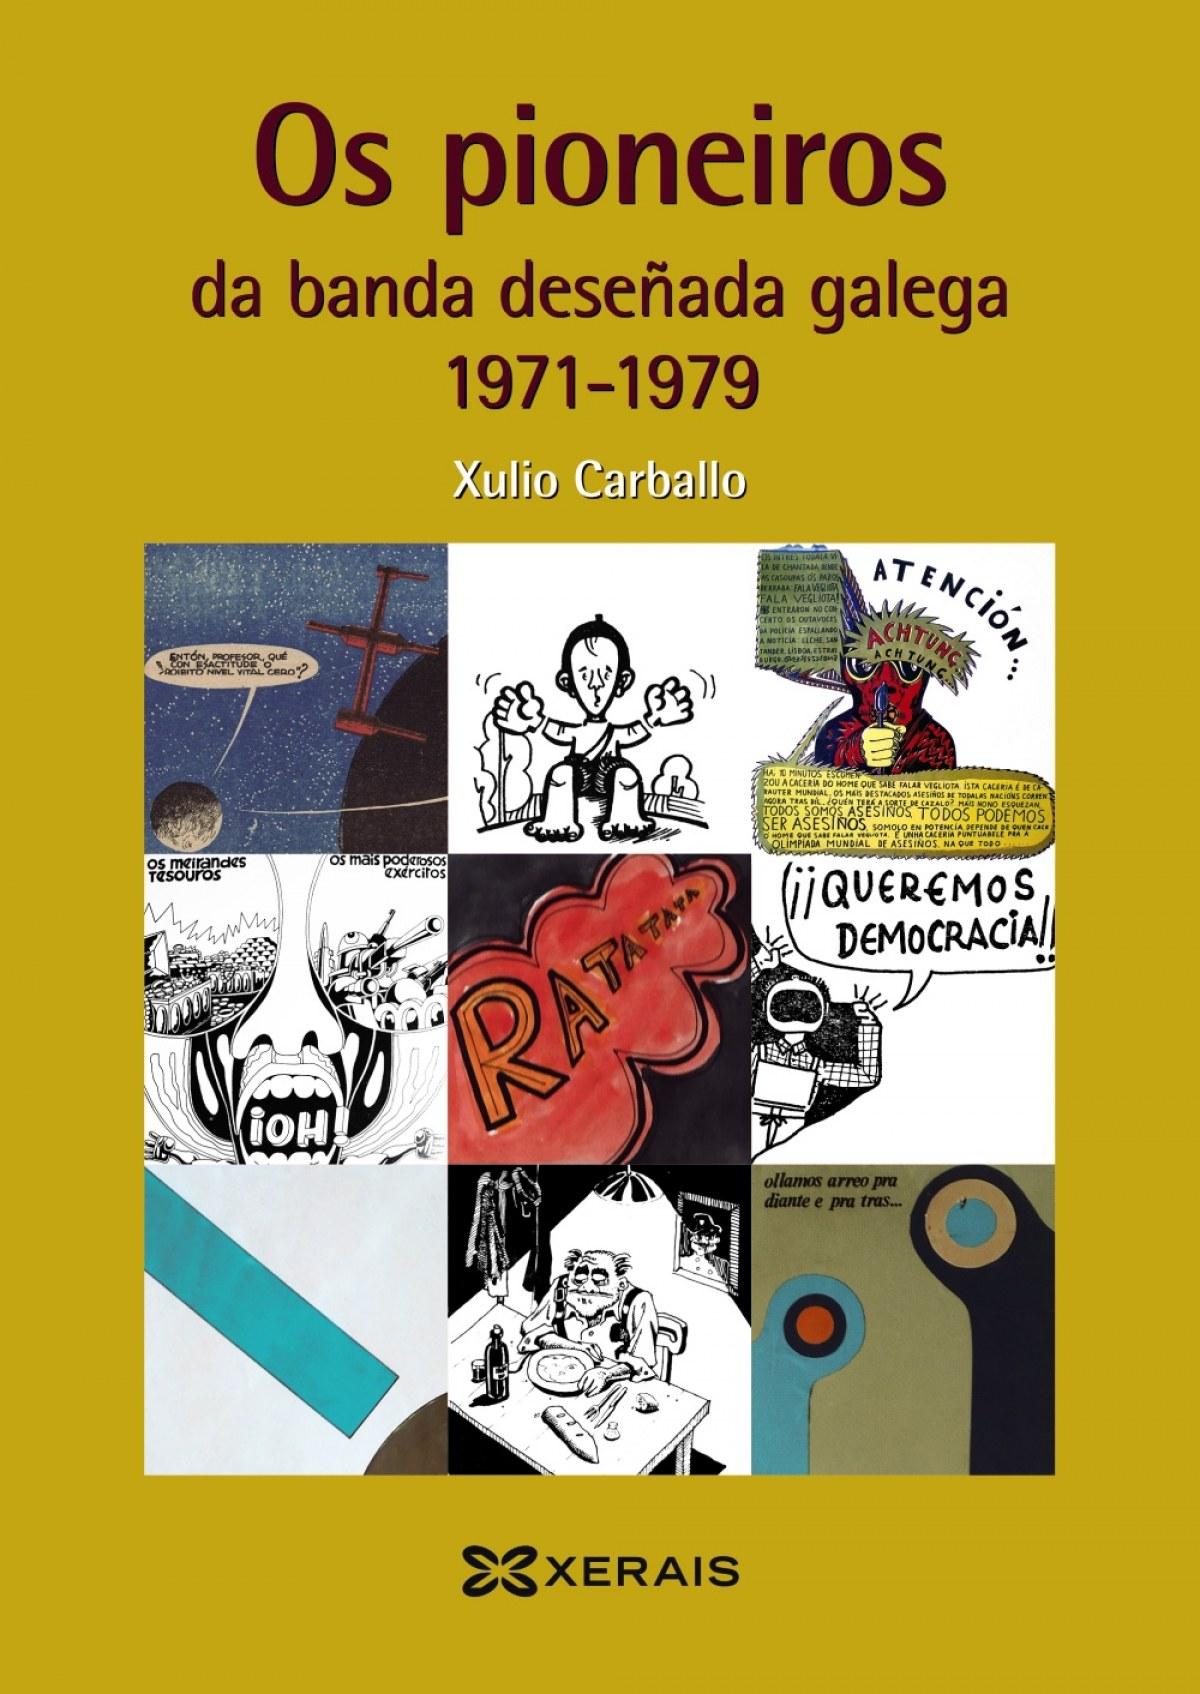 OS PIONEIROS DA BANDA DESEÑADA GALEGA 1971-1979